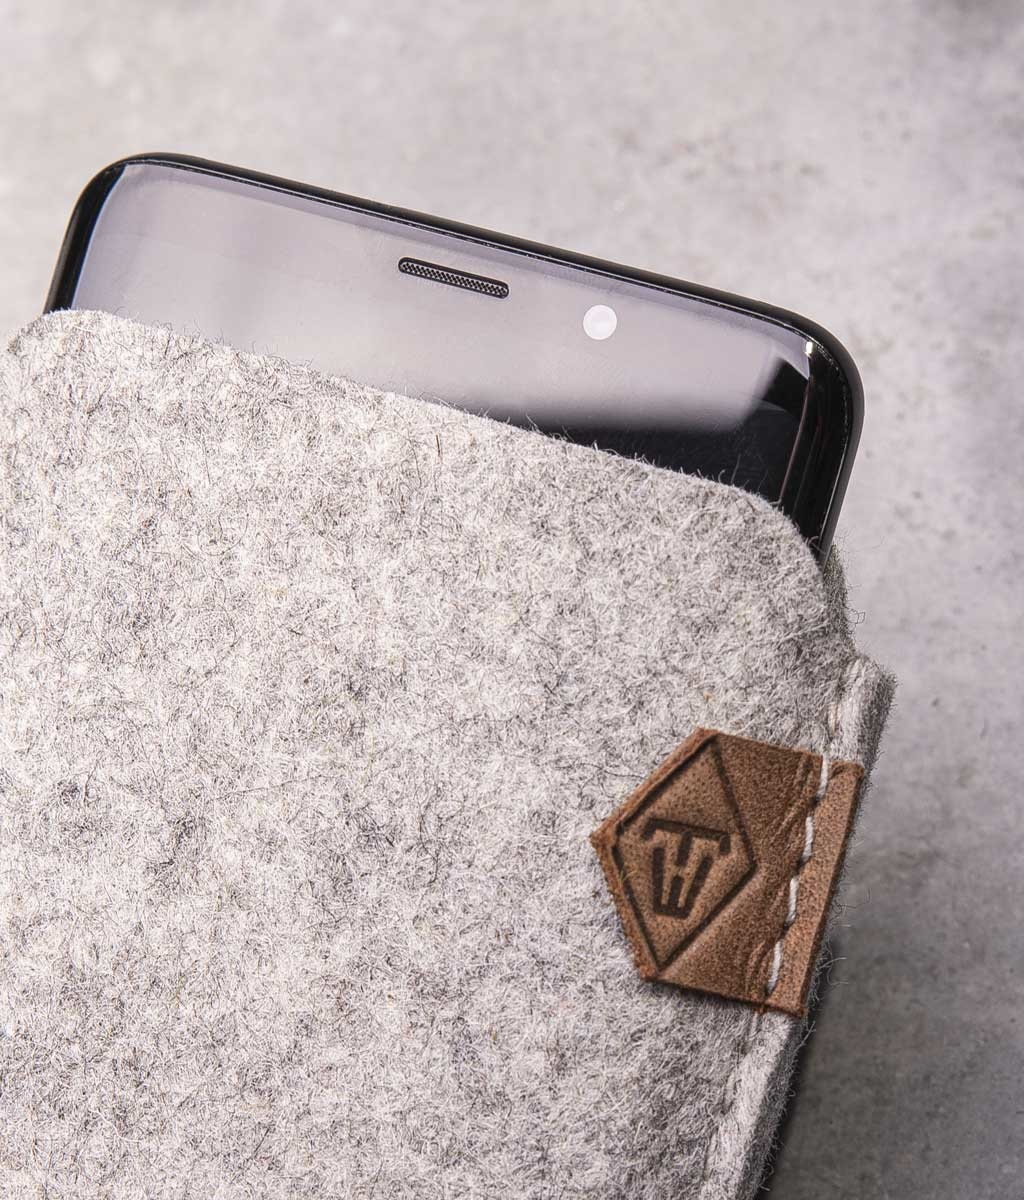 Samsung Galaxy S21, S21+ Ultra 5G Filzhülle SOFTWERK 2.0